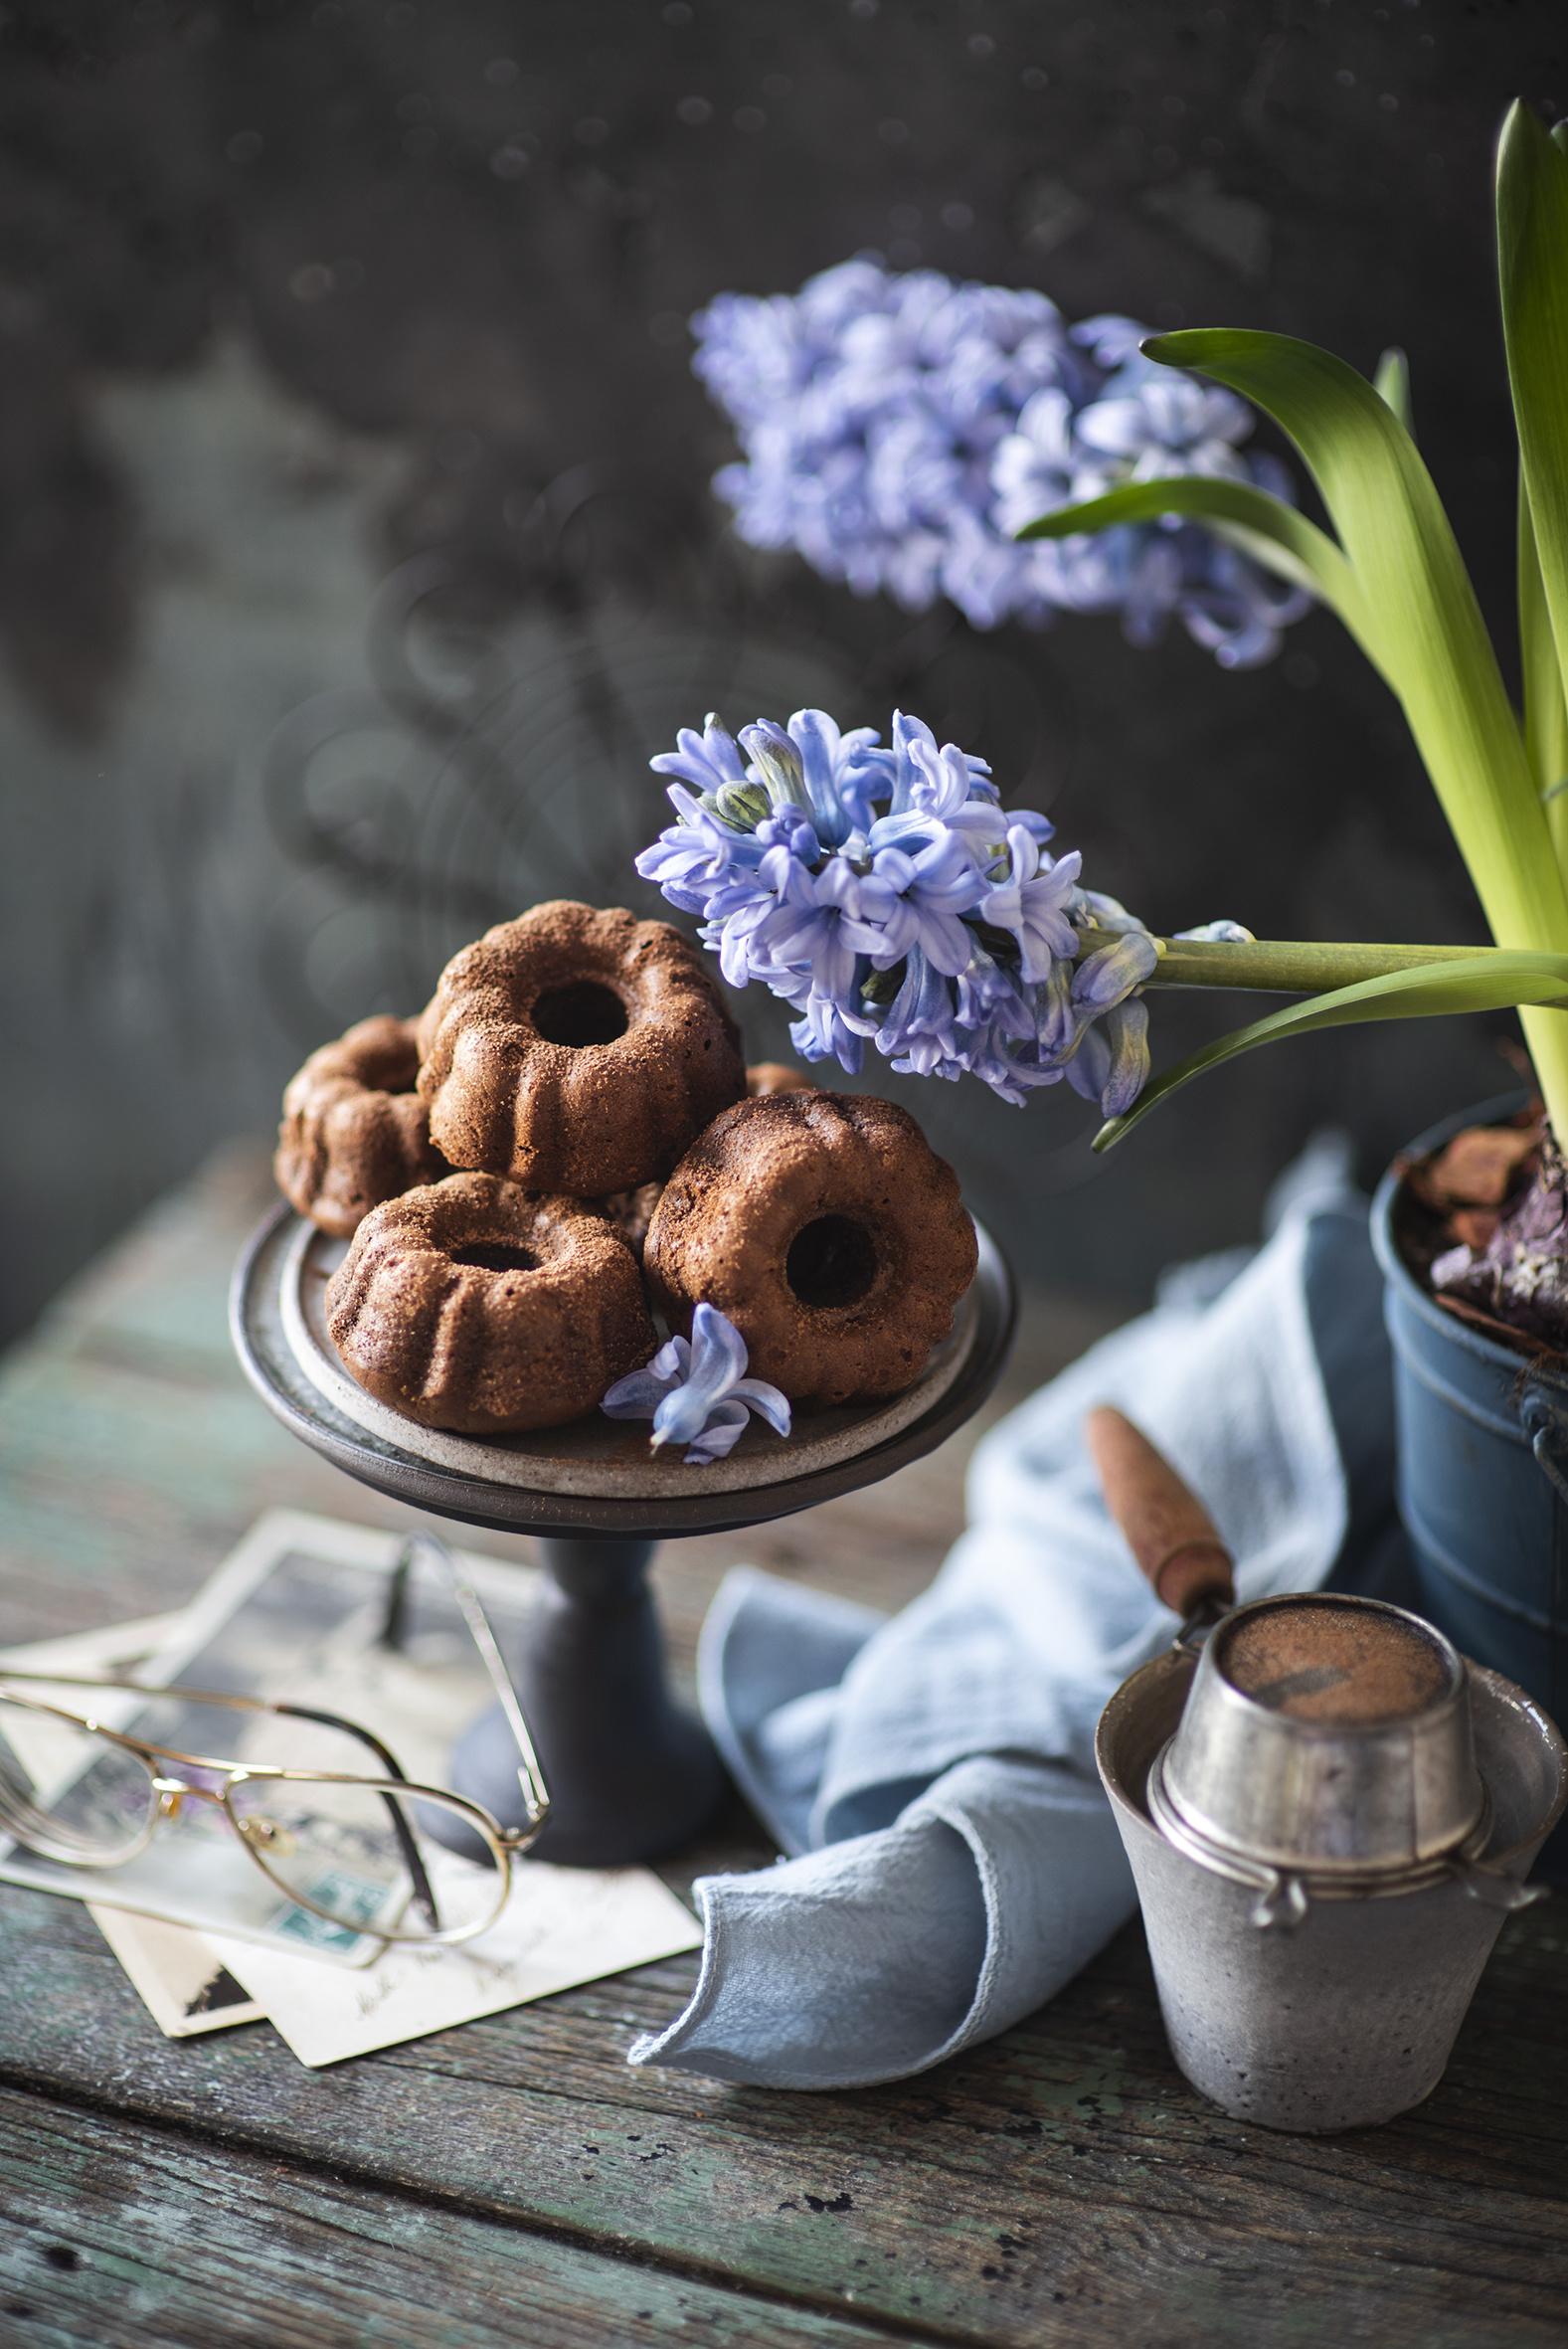 Desktop Hintergrundbilder Cupcake Brille Hyazinthen Lebensmittel Bretter  für Handy das Essen